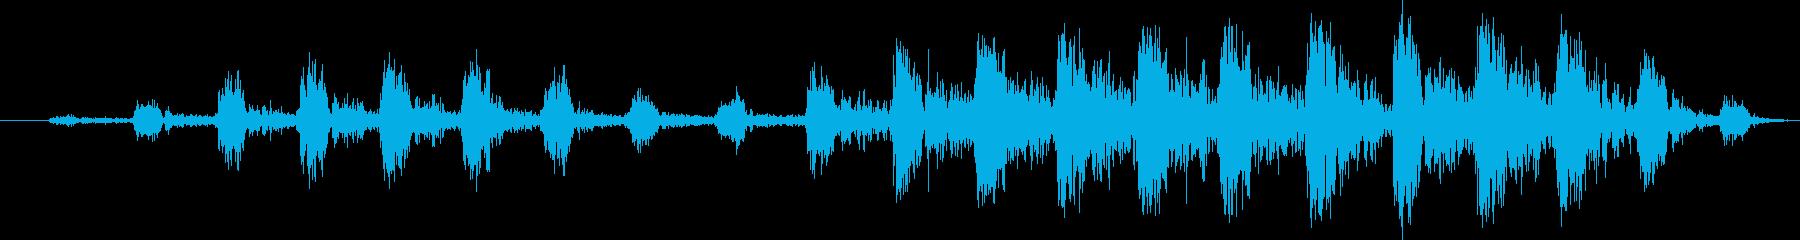 超音波ソノグラフ:コンスタント、病...の再生済みの波形